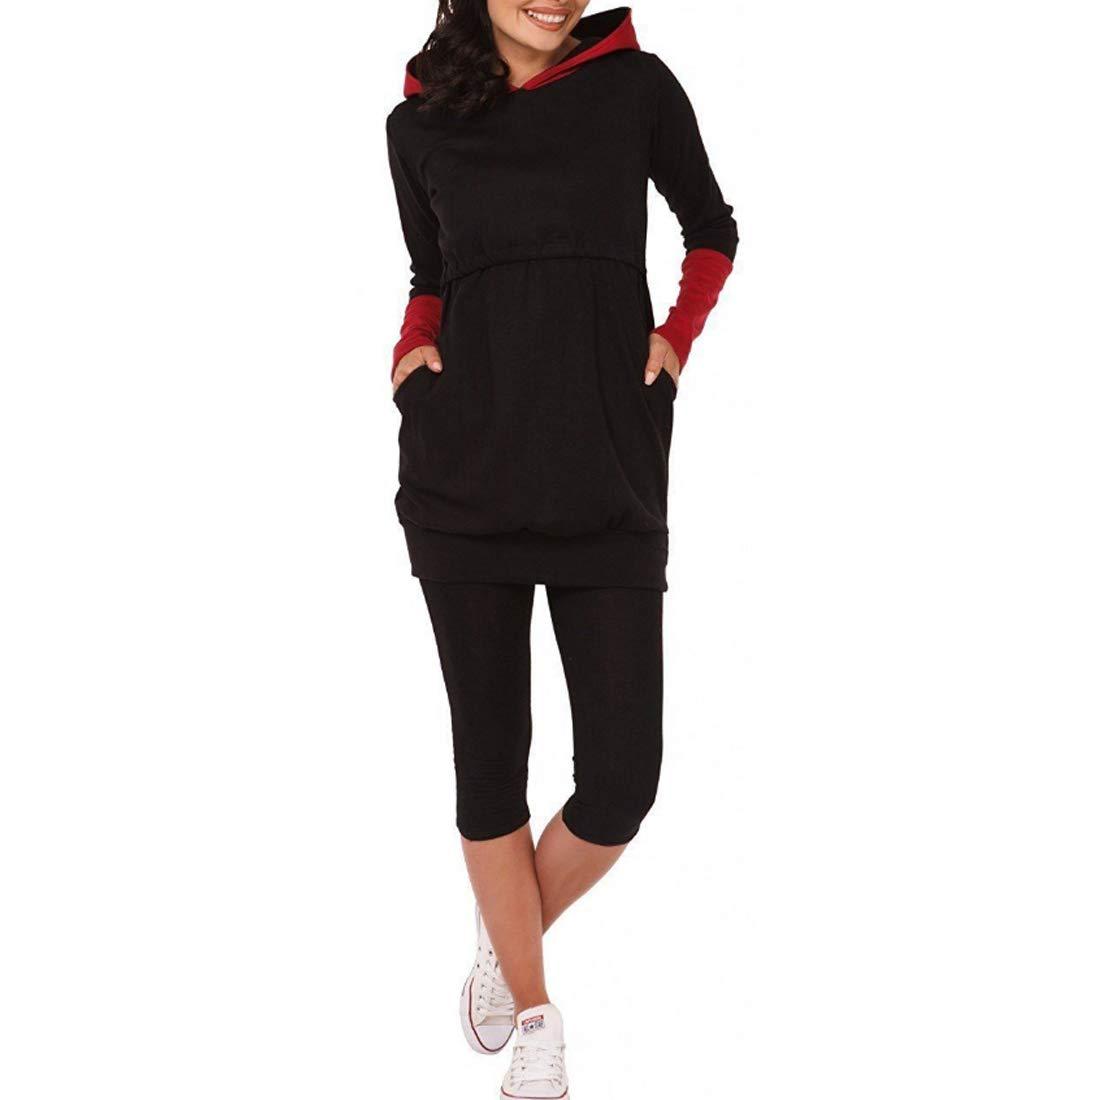 MUCHAO Moda Donna maternità Side-Shirred Infermieristica Top Manica Lunga Madri L'Allattamento al Seno Vestiti Autunno Inverno Felpa con Cappuccio Tasca Felpa